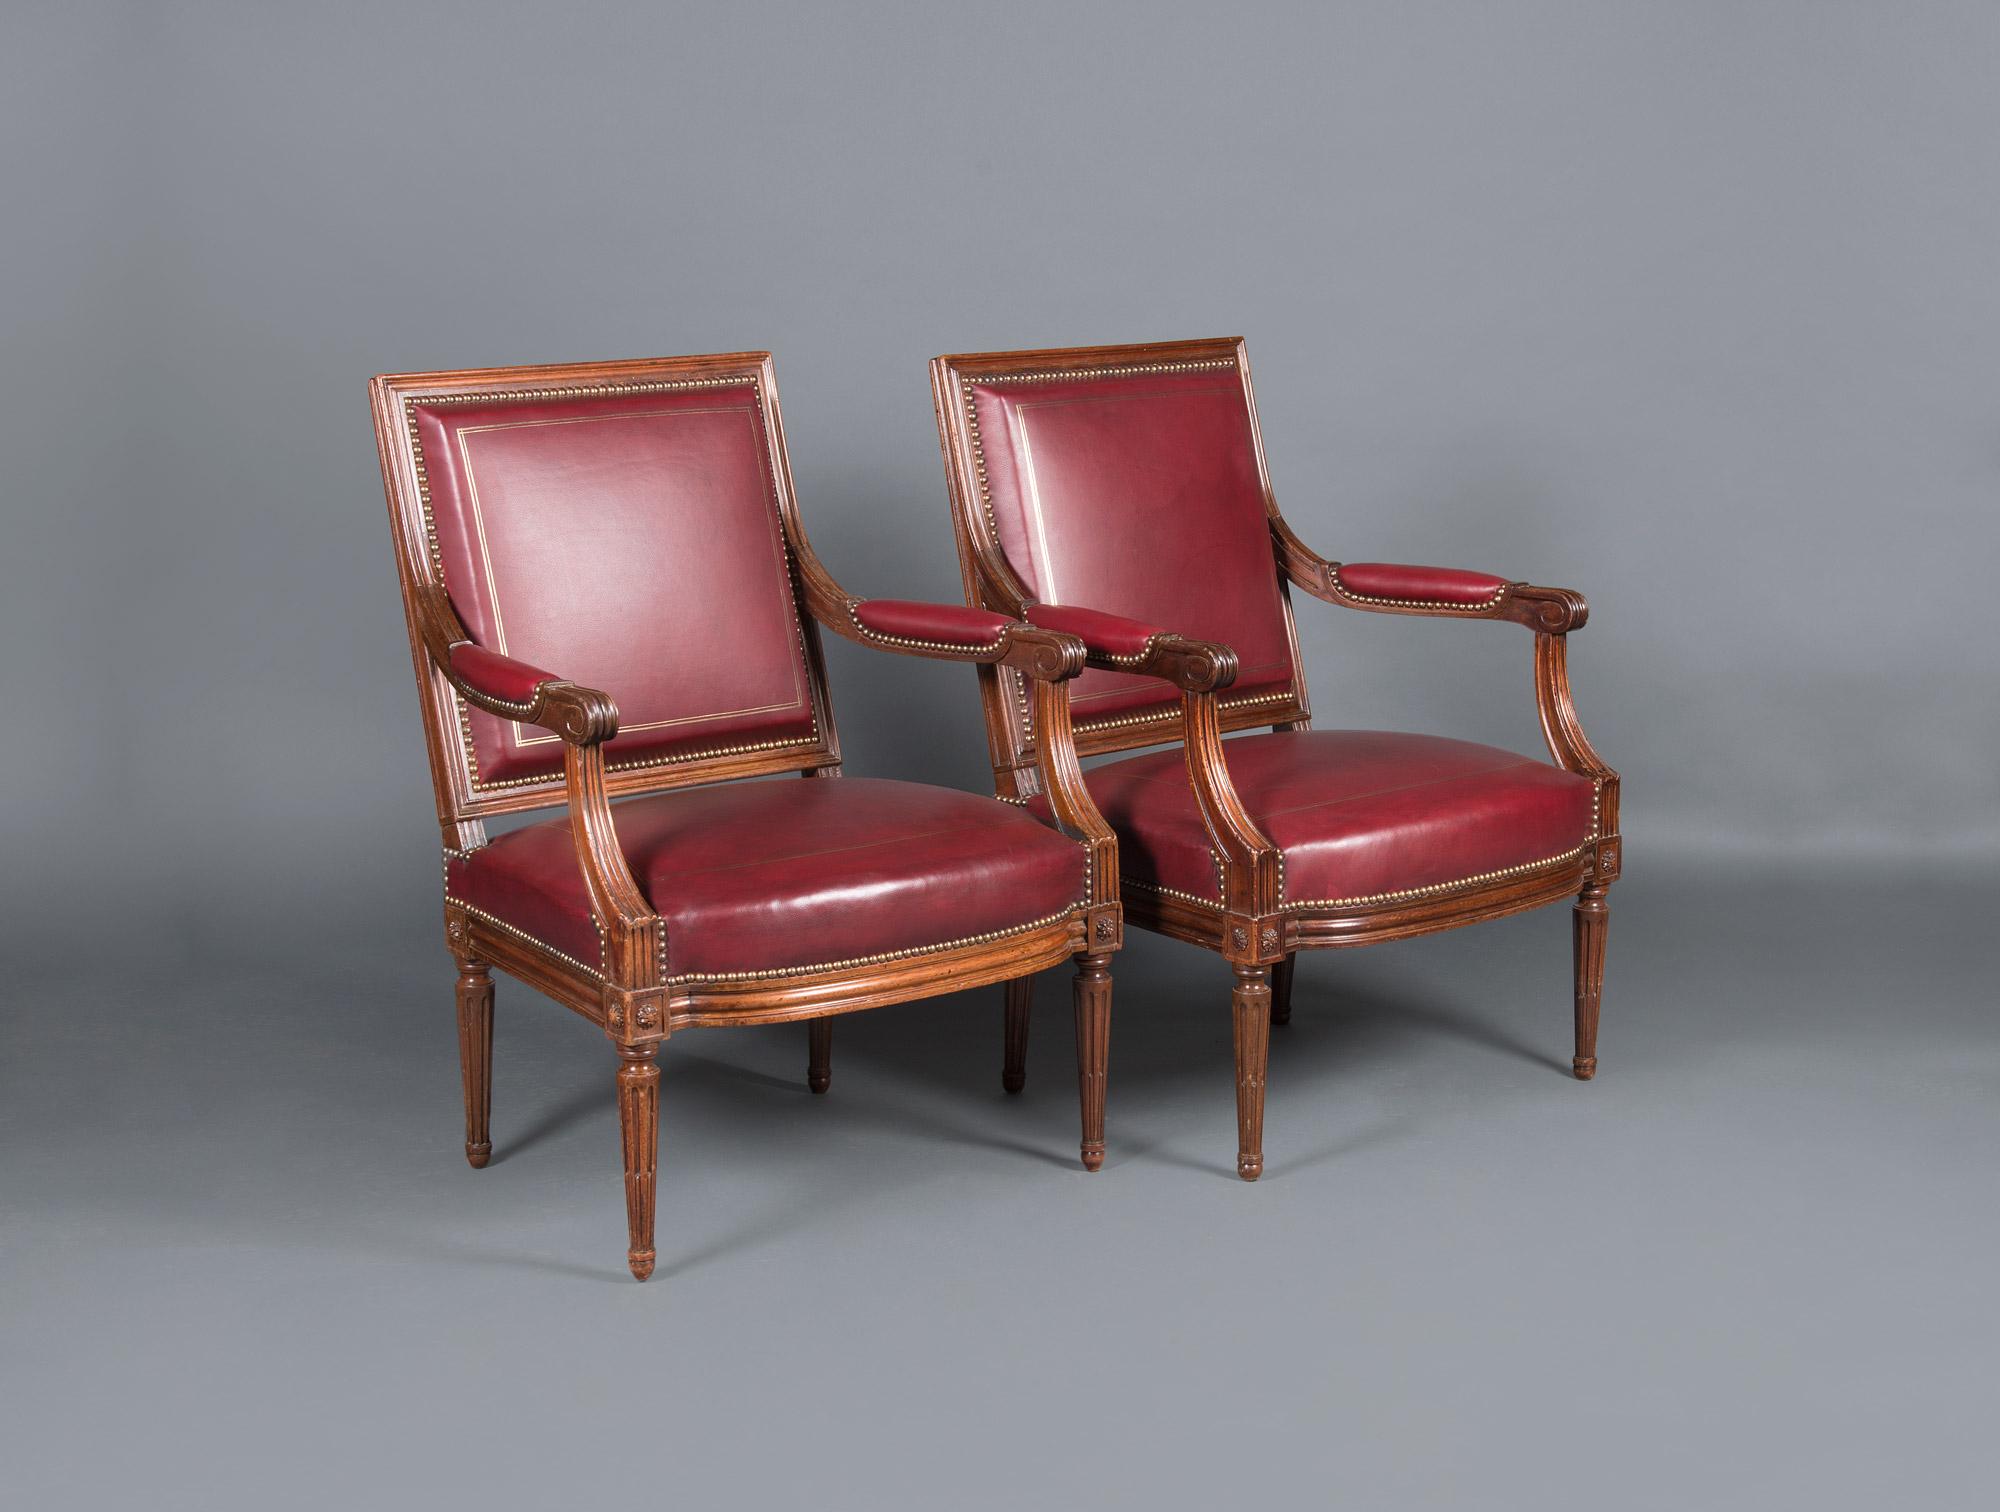 fauteuils en cuir vieux rouge soubrier louer si ges fauteuil xviiie. Black Bedroom Furniture Sets. Home Design Ideas